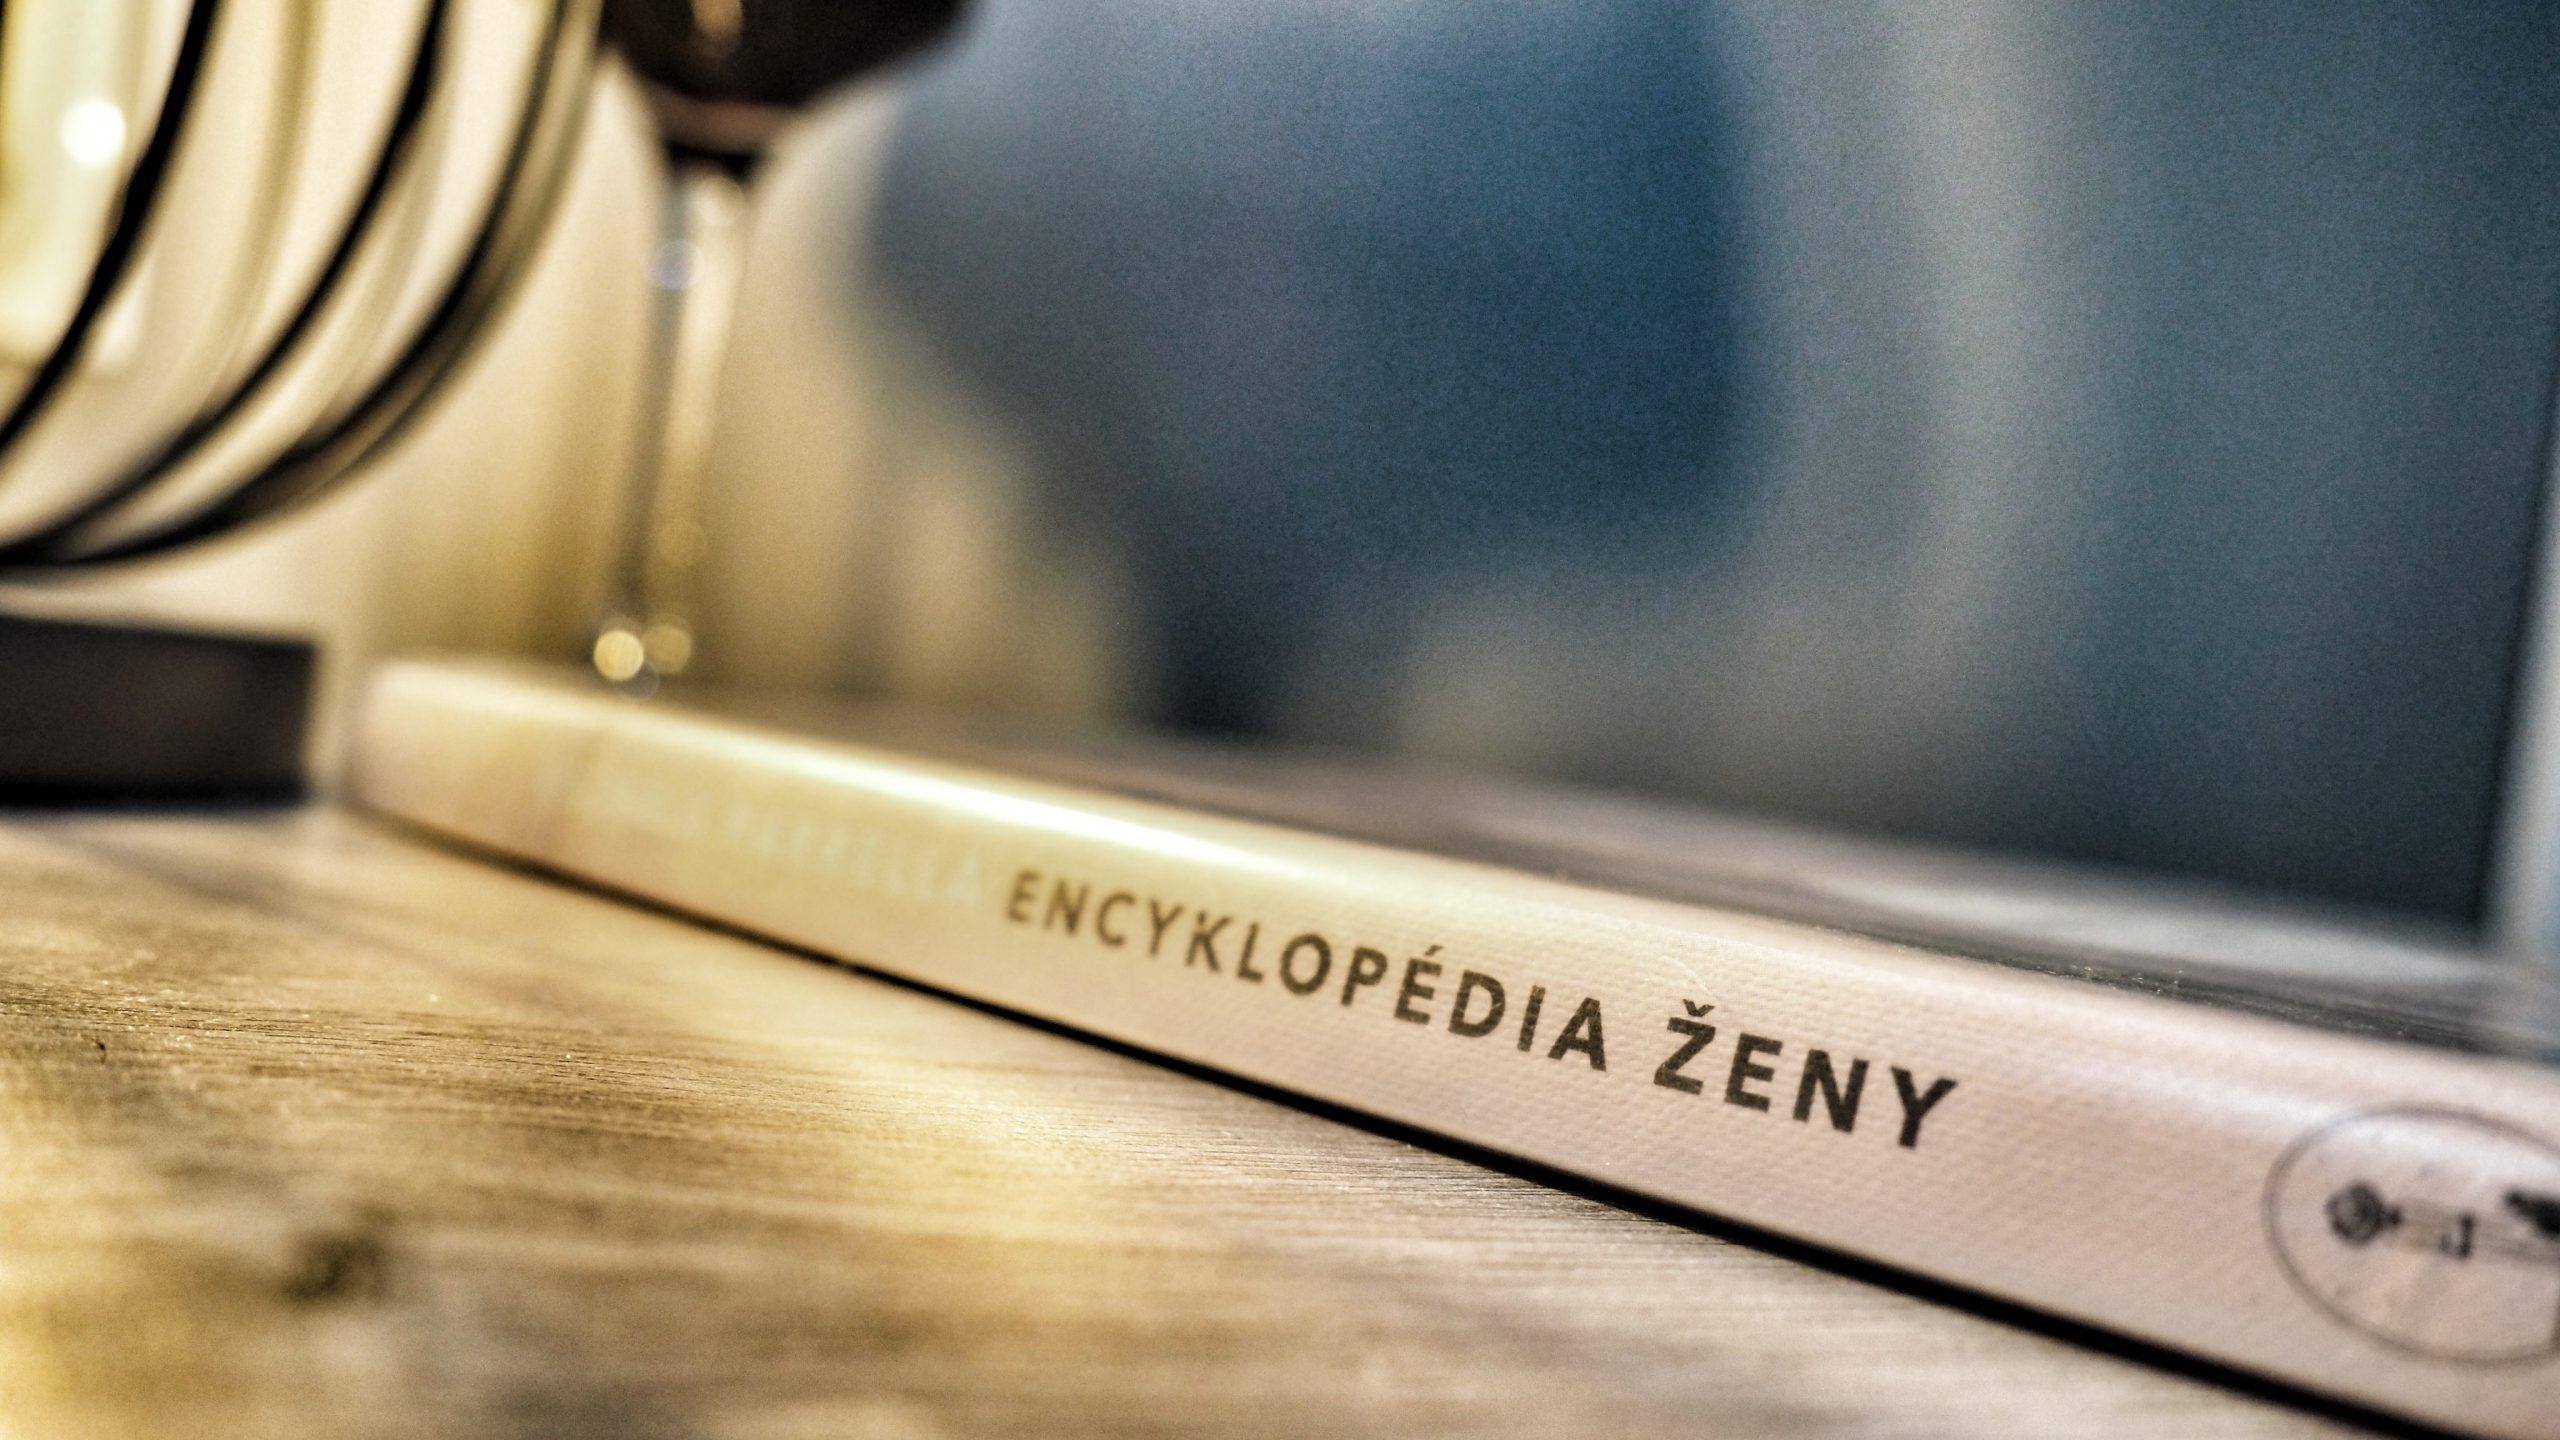 envyklopedia zeny